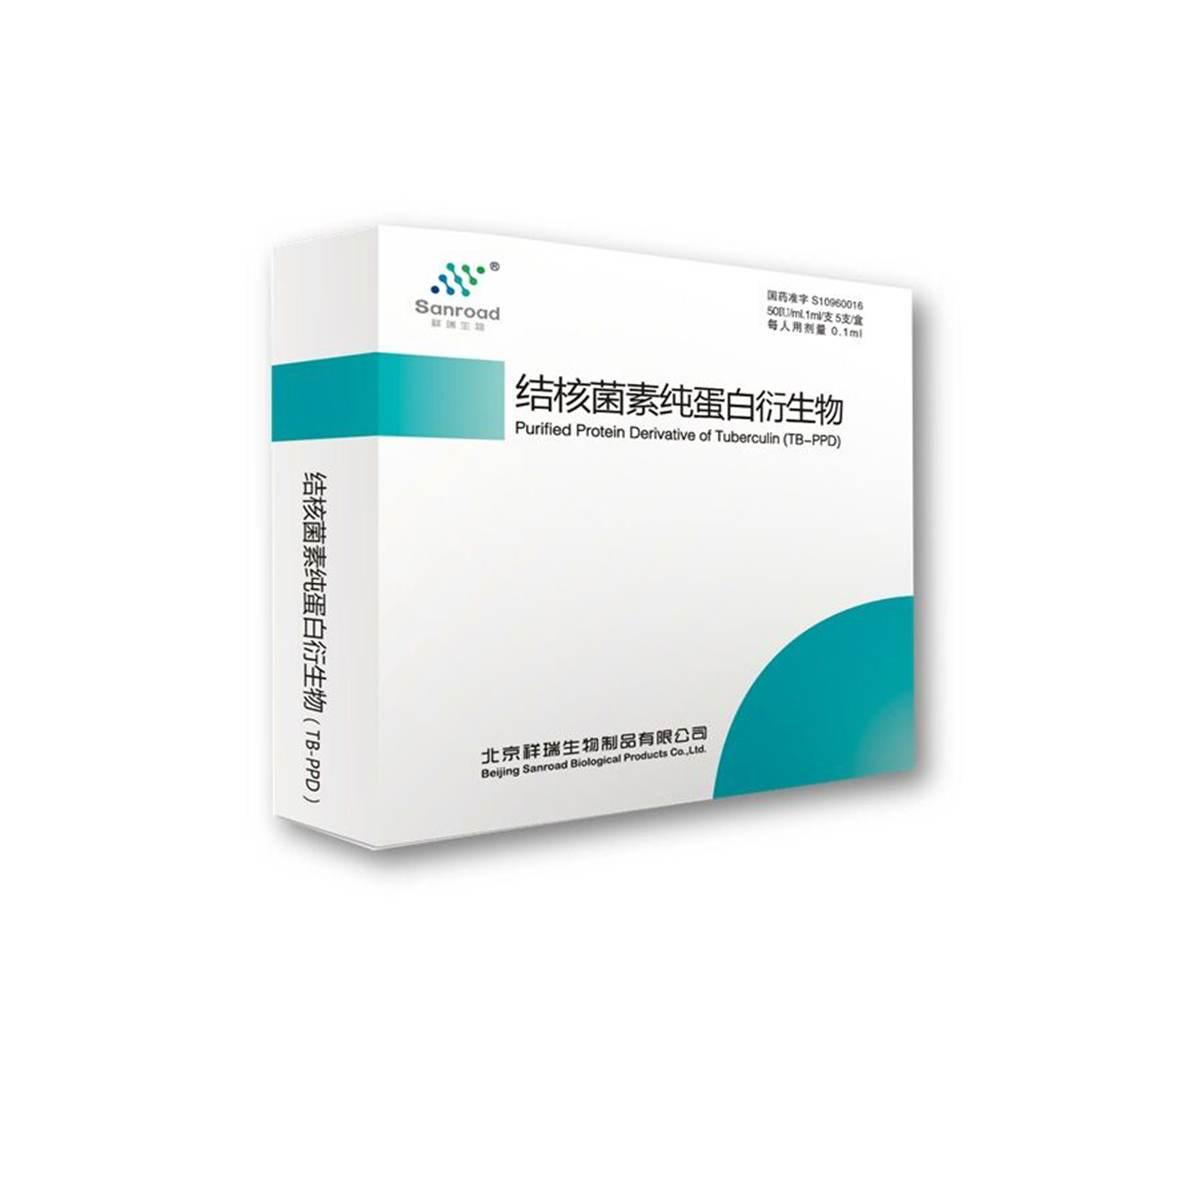 结核菌素纯蛋白衍生物